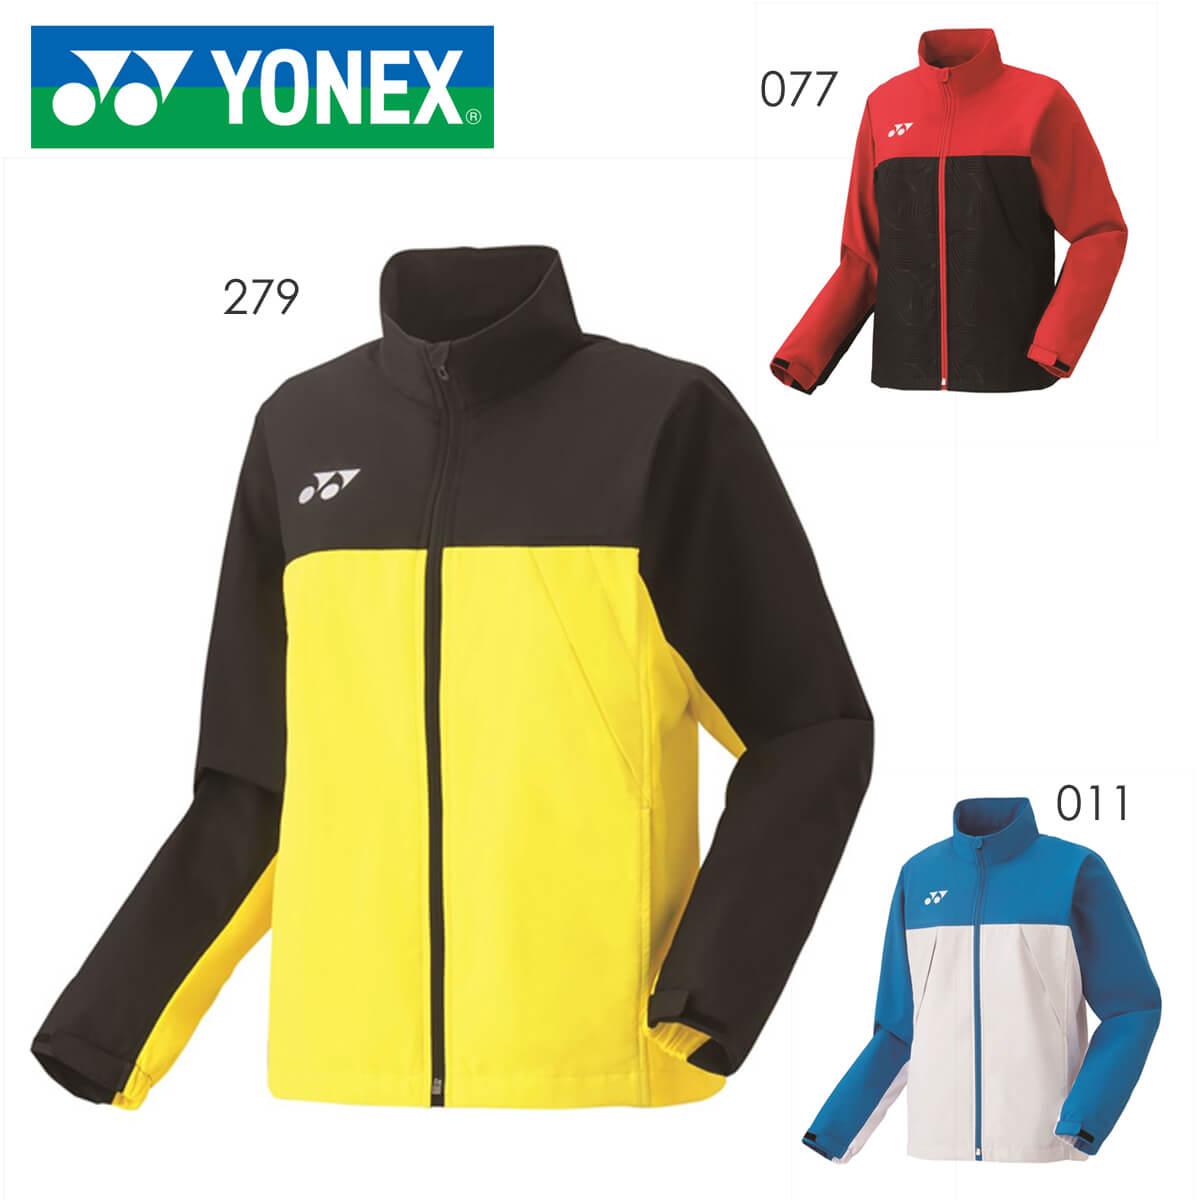 f2890e5cdc4795 YONEX 57036 ウォームアップシャツ(レディース) テニス・バドミントンウェア ウィメンズ ヨネックス 18SS【